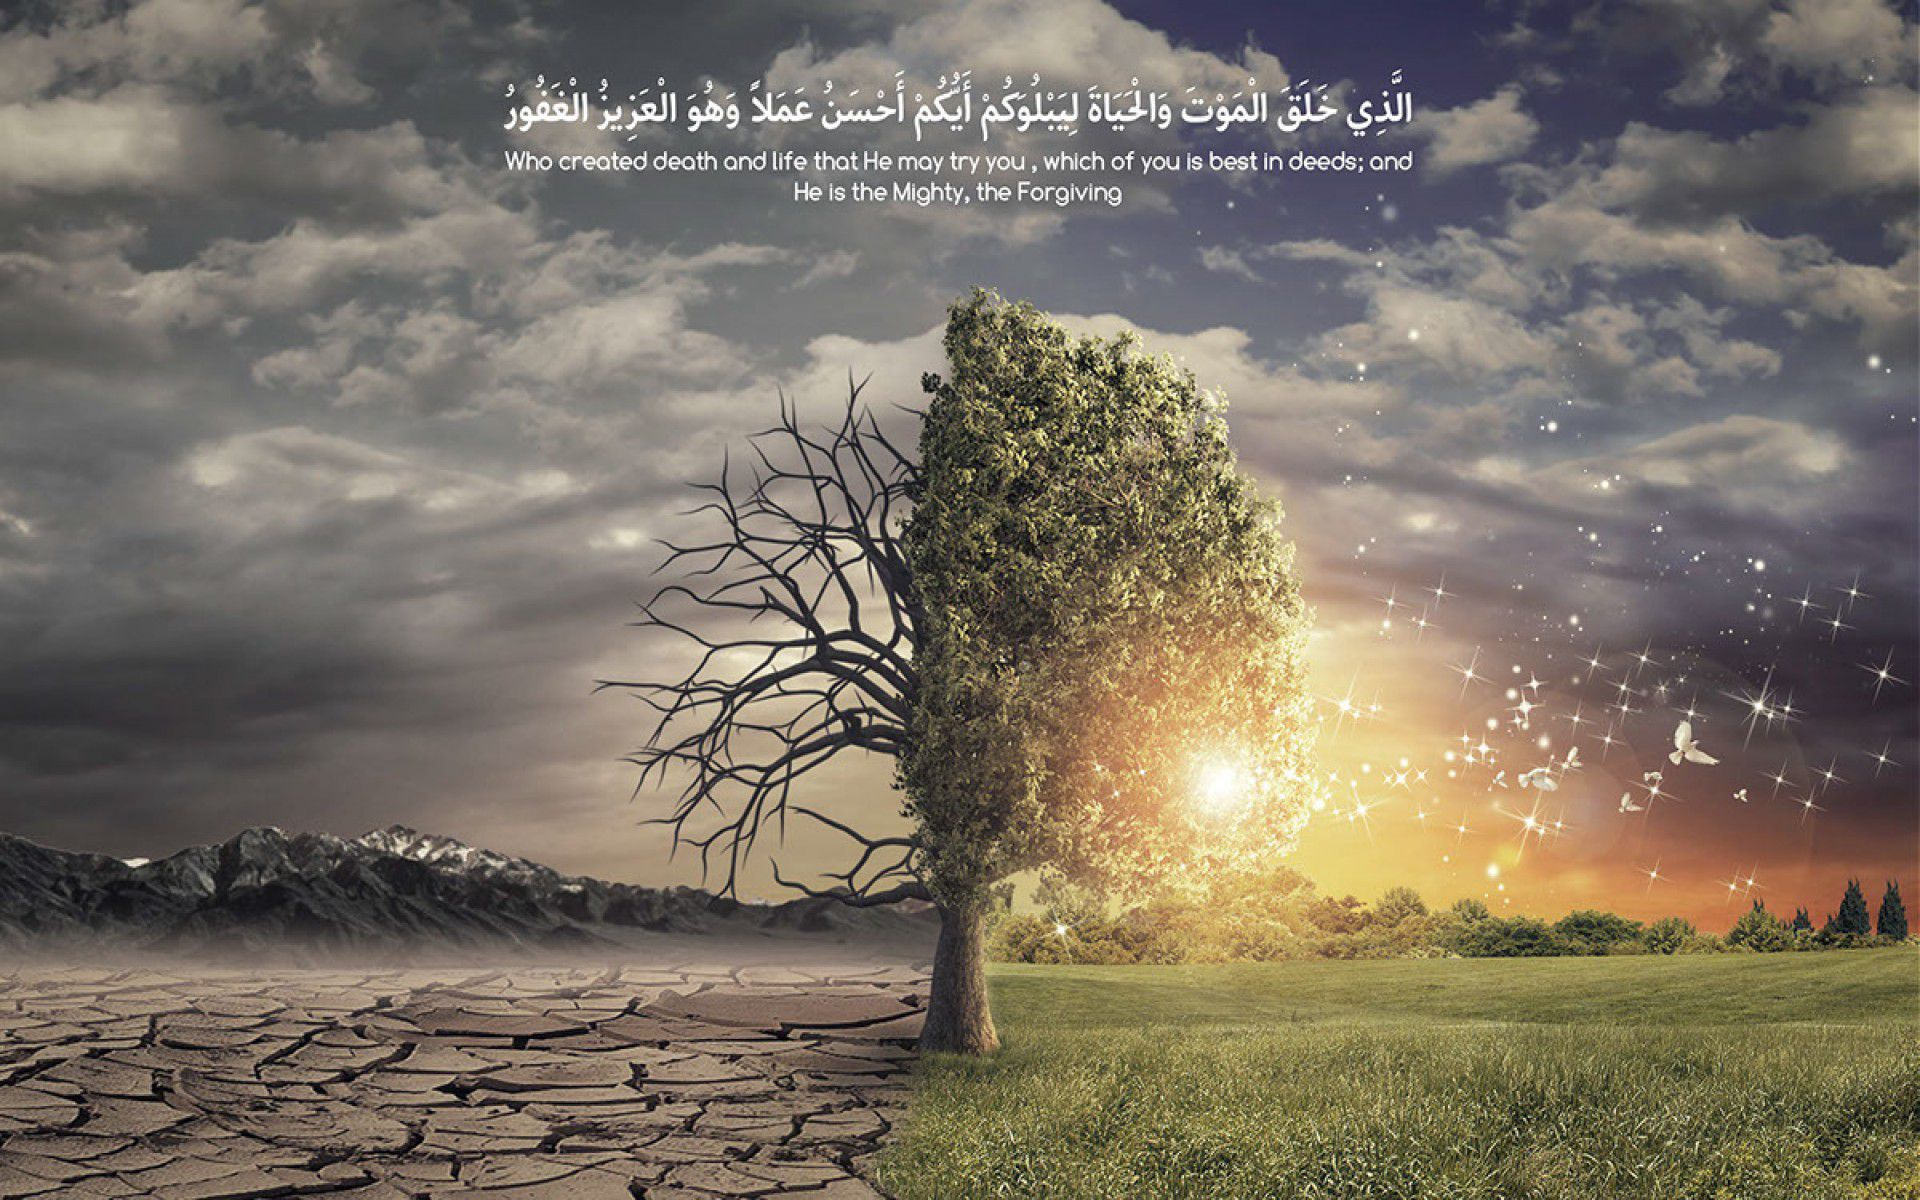 بالصور صور طبيعيه دينيه , اجمل واحلى صور طبيعيه دينيه 11490 3